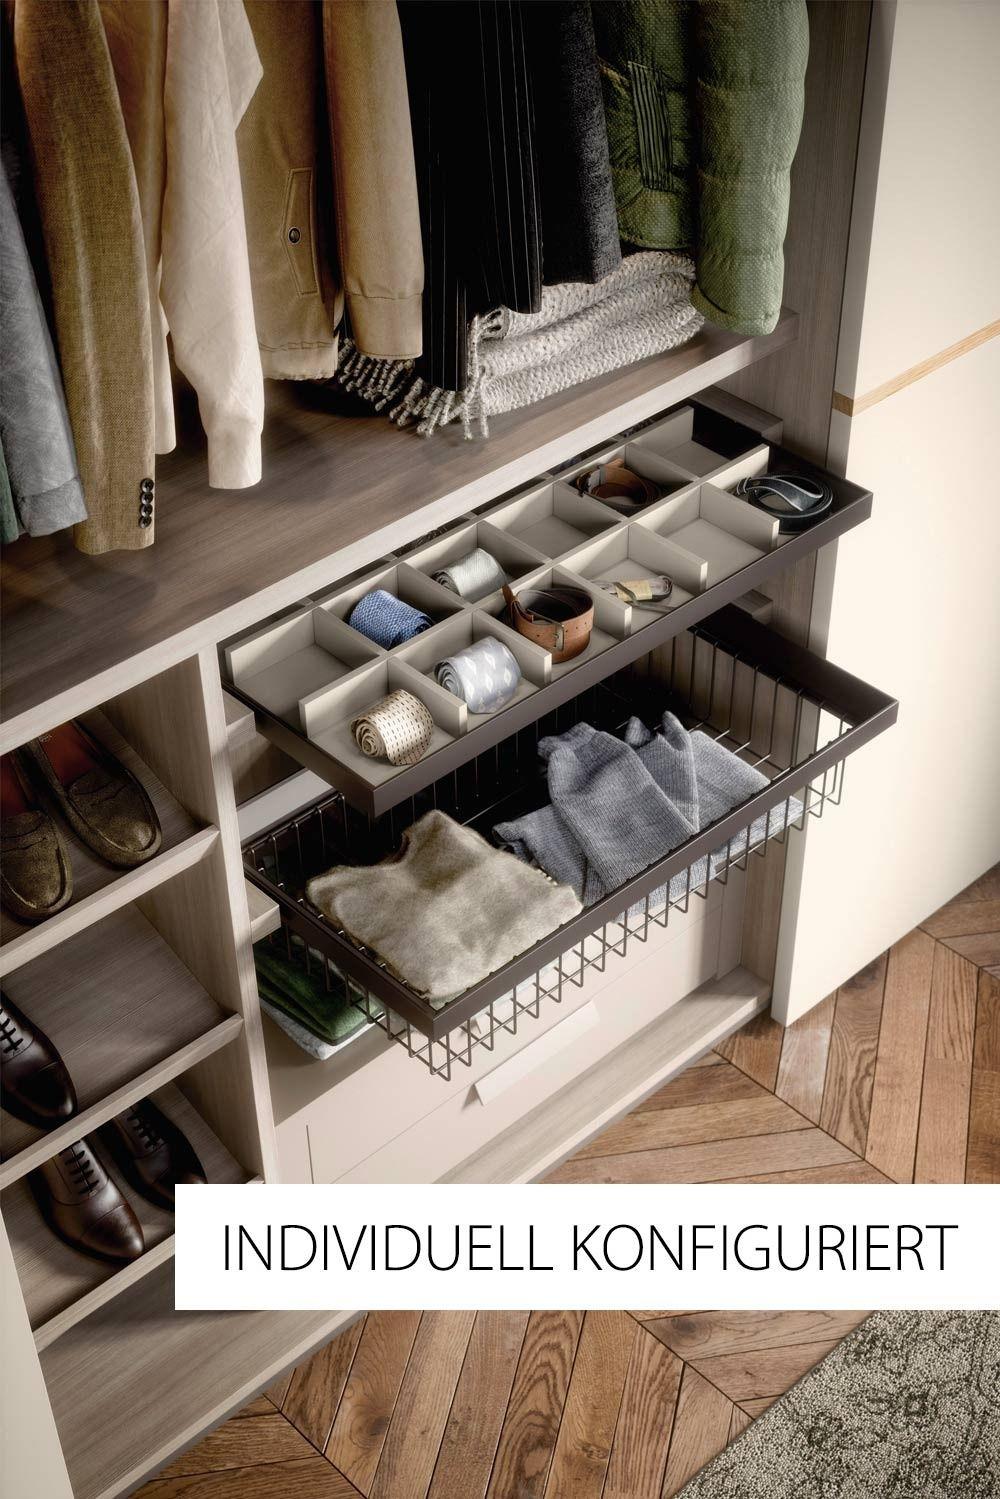 Kleiderschranke In 2020 Kleiderschrank Schrank Innenausstattung